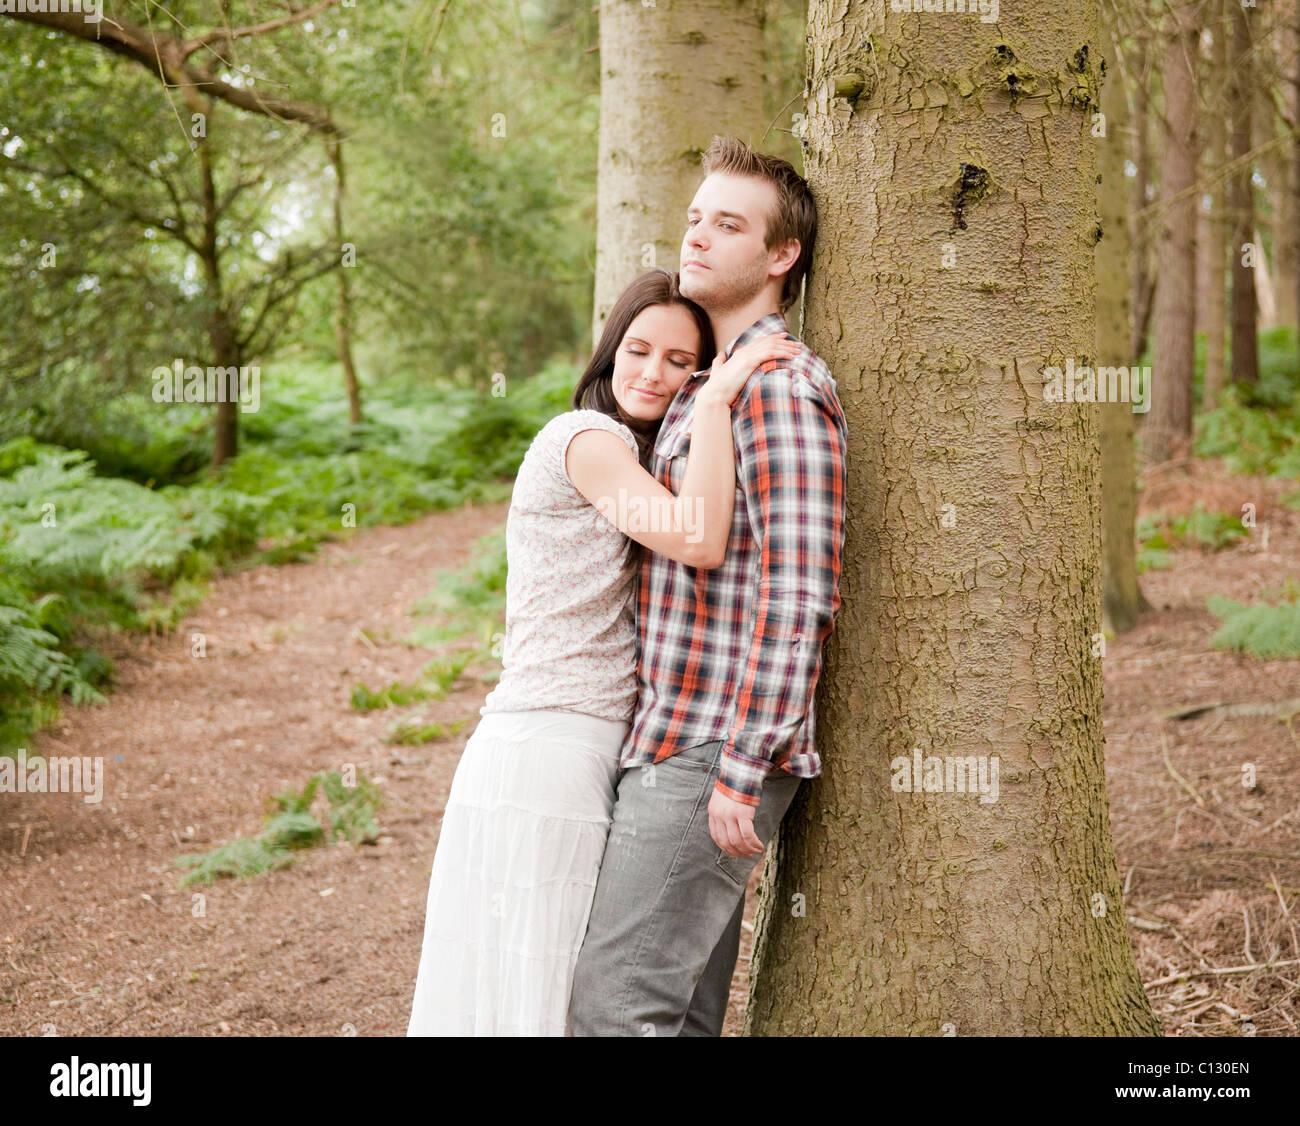 Retrato de pareja joven en el bosque Imagen De Stock